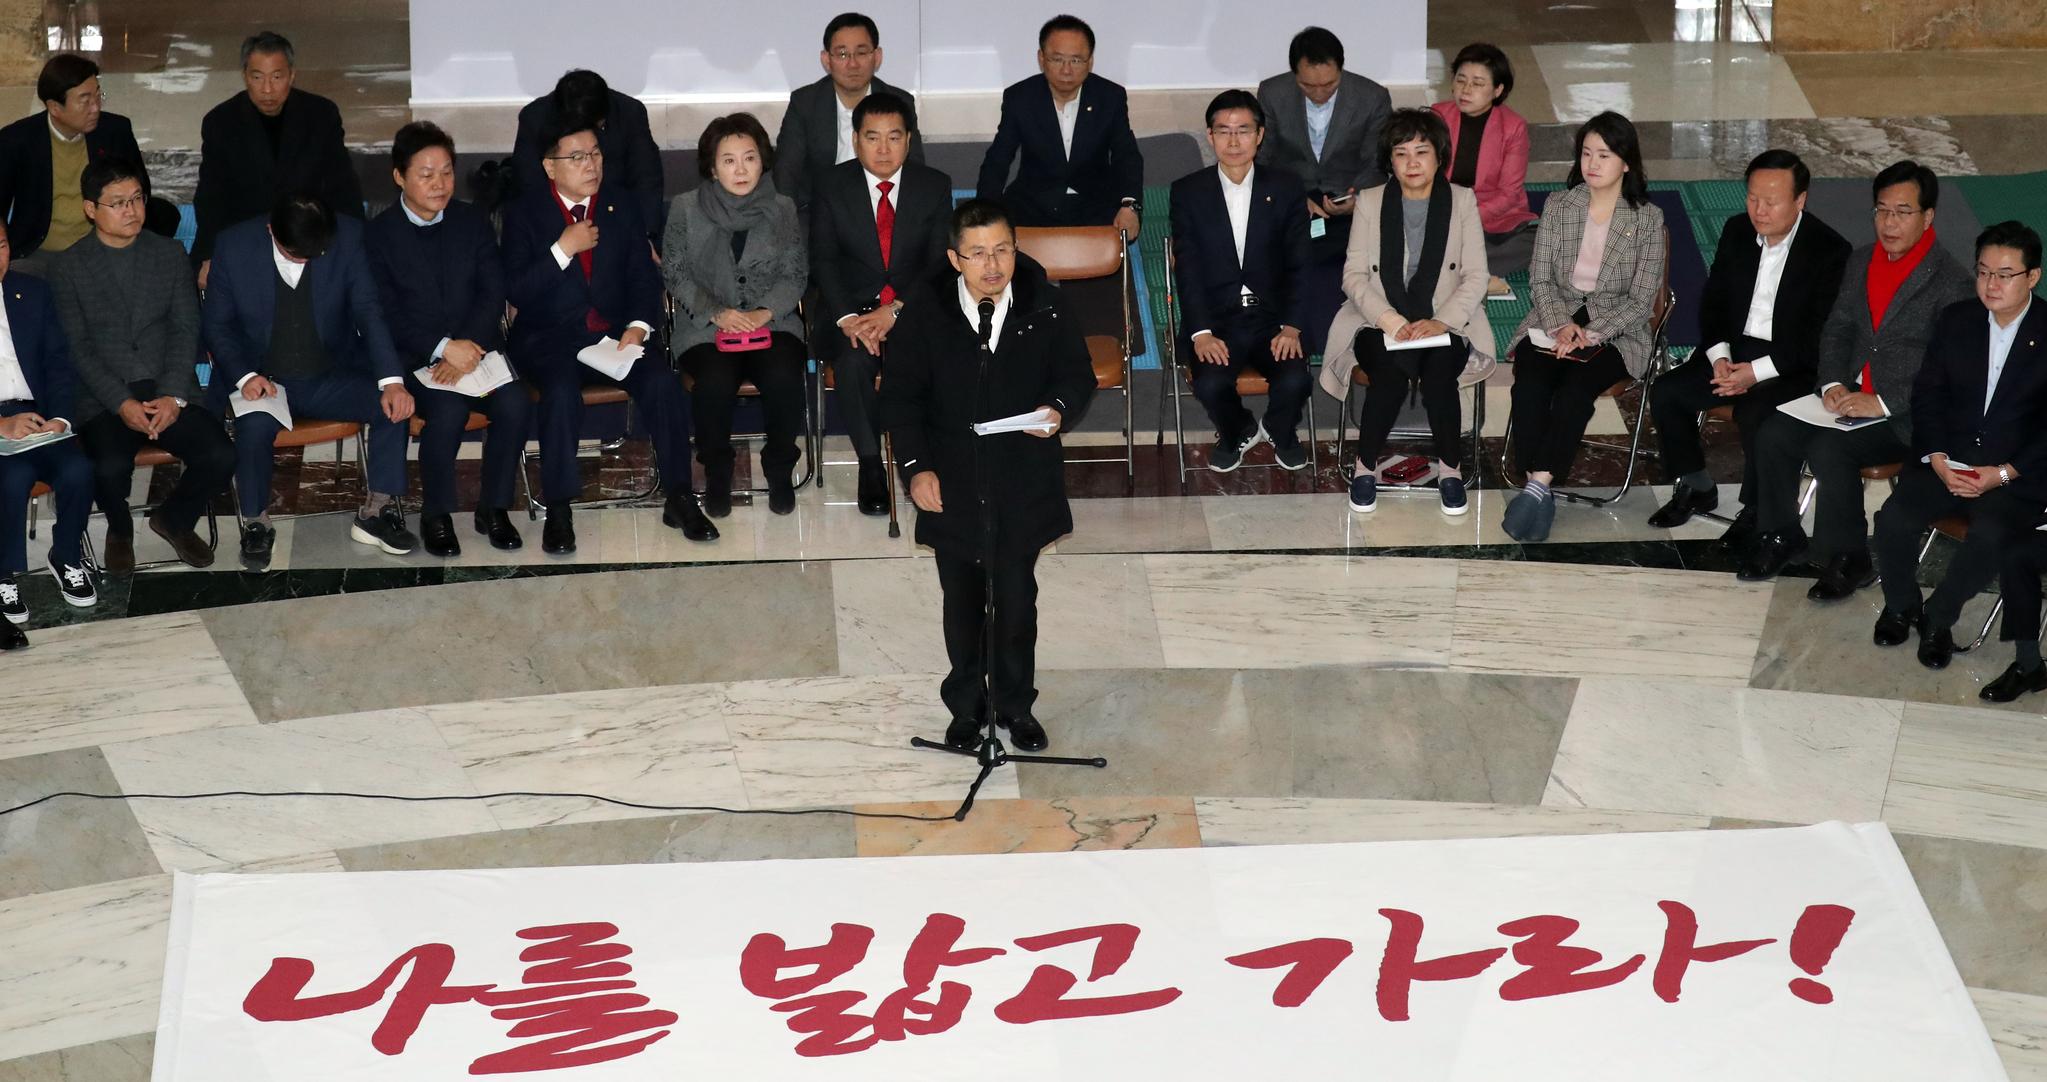 황교안 자유한국당 대표가 12일 서울 여의도 국회 본회의장 앞에서 열린 최고위원회의에서 모두발언을 하고 있다. [뉴스1]